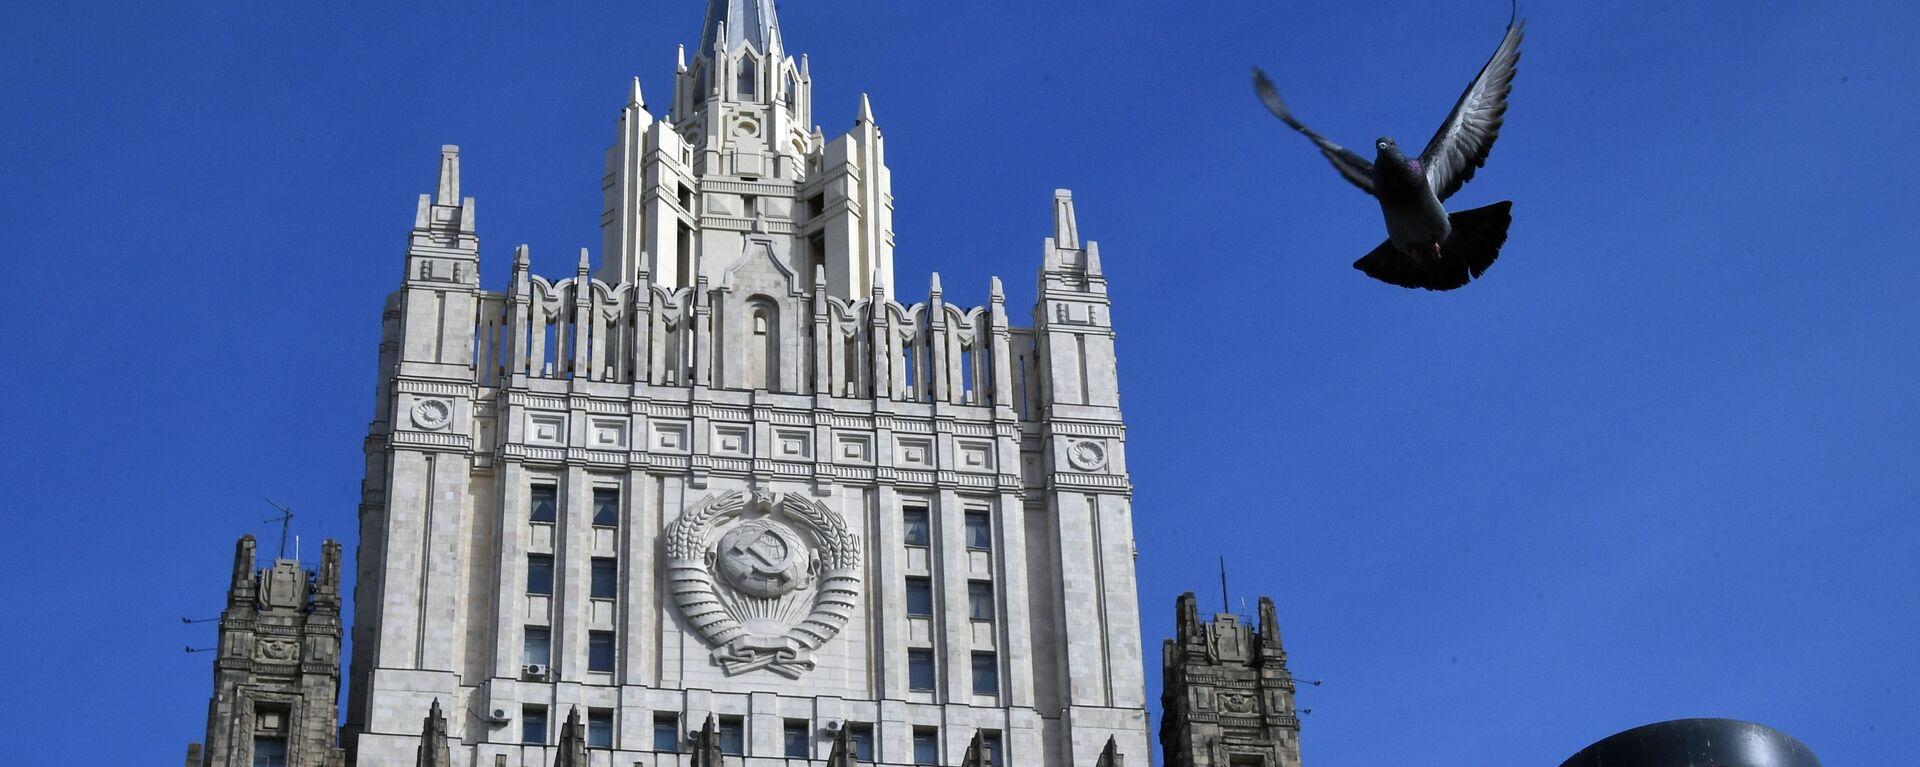 Budynek Ministerstwa Spraw Zagranicznych Rosji - Sputnik Polska, 1920, 13.08.2020